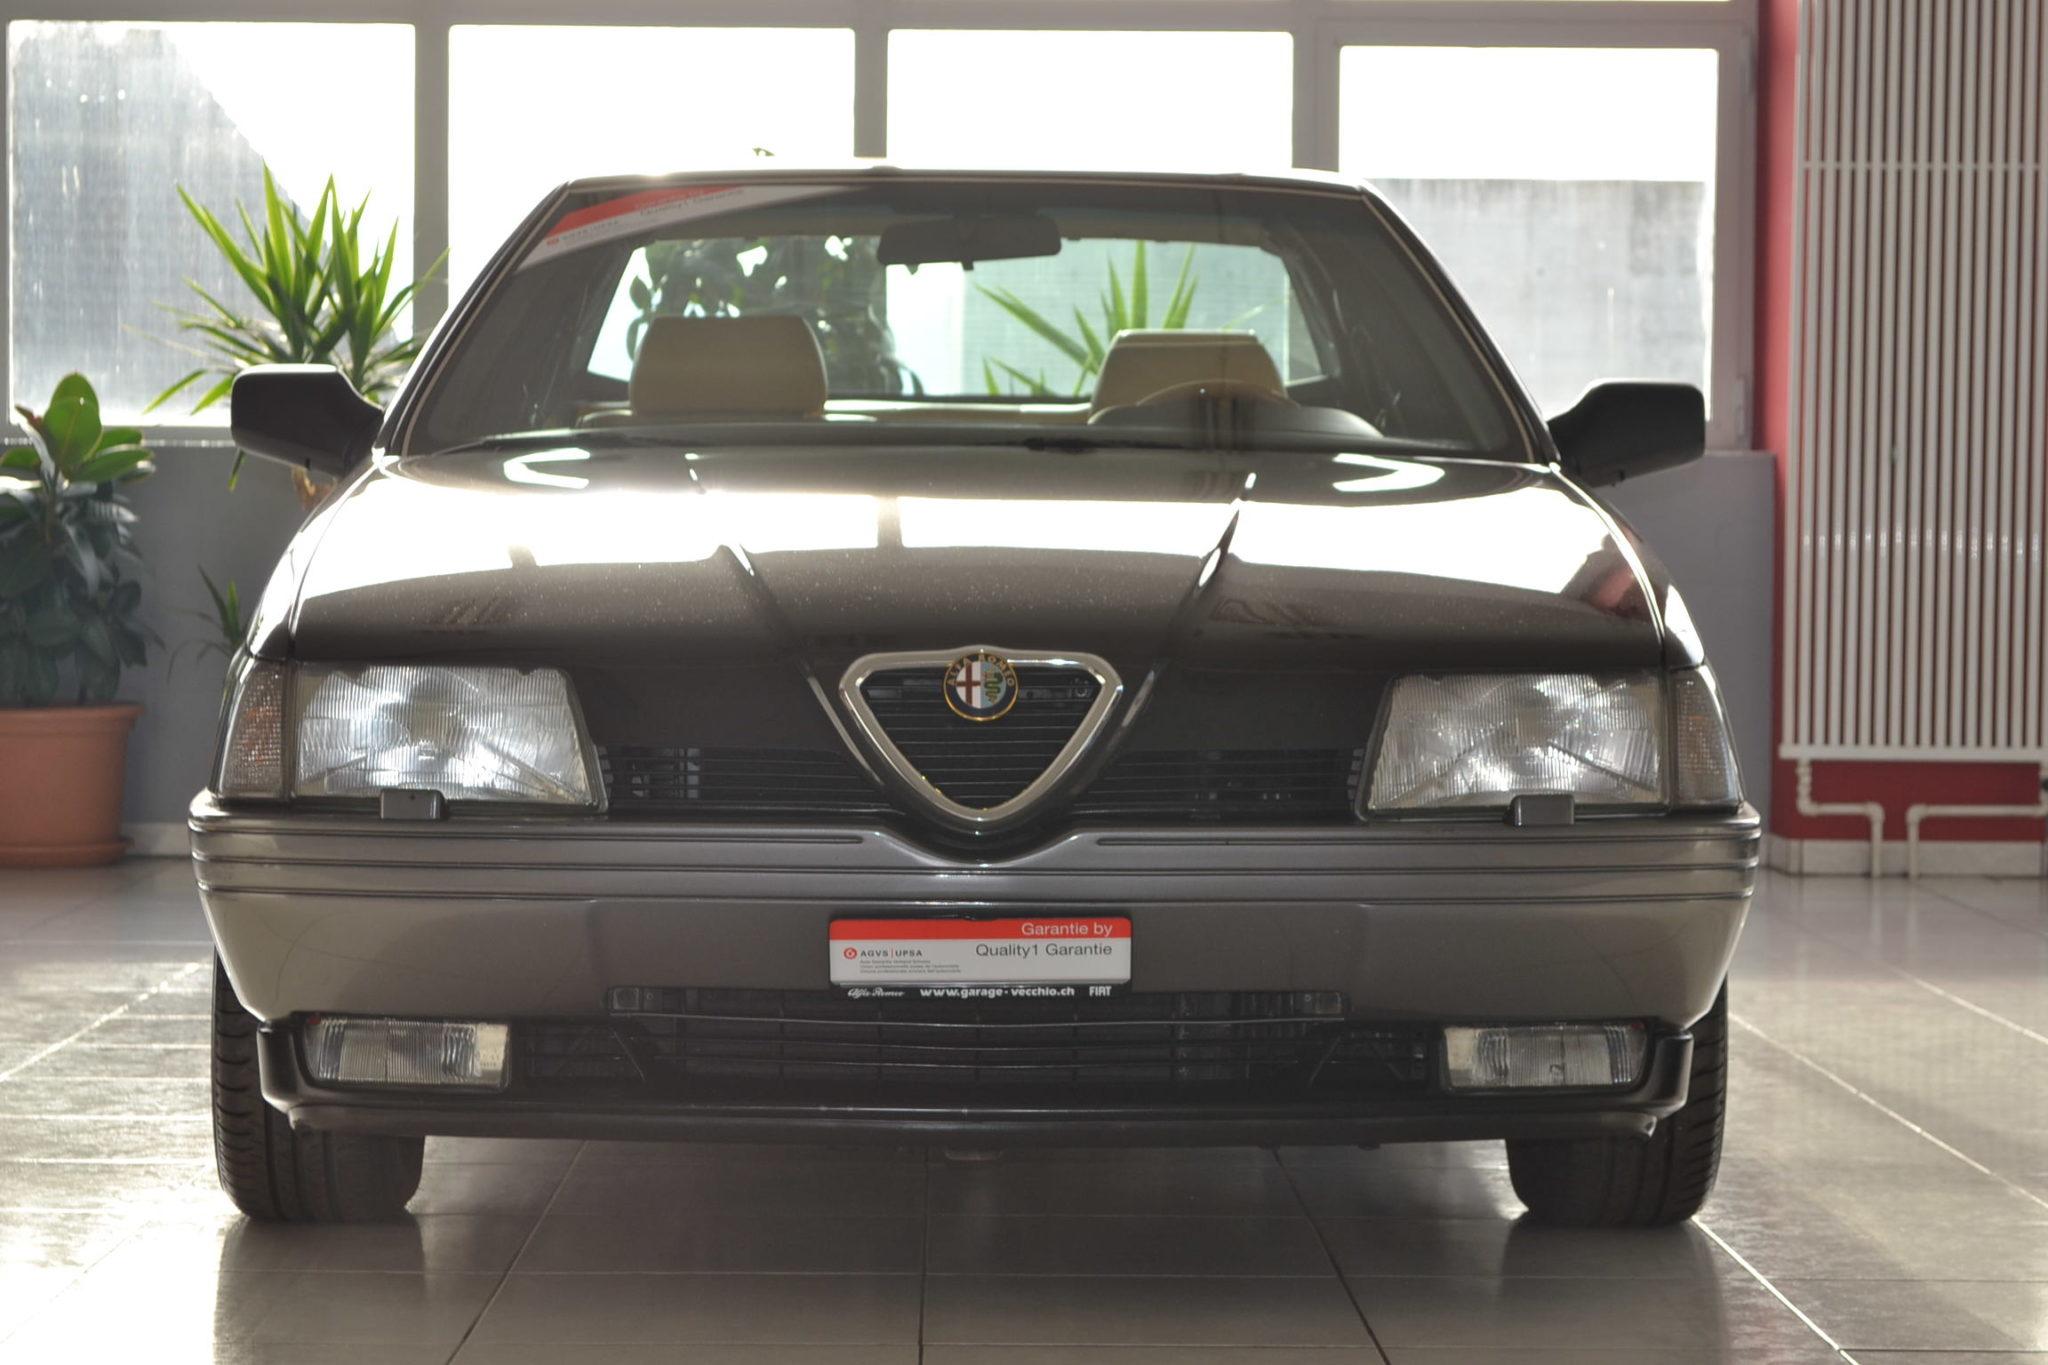 Alfa romeo 164 2 0 v6 turbo nero mettalizzato garage for Garage alfa romeo antony